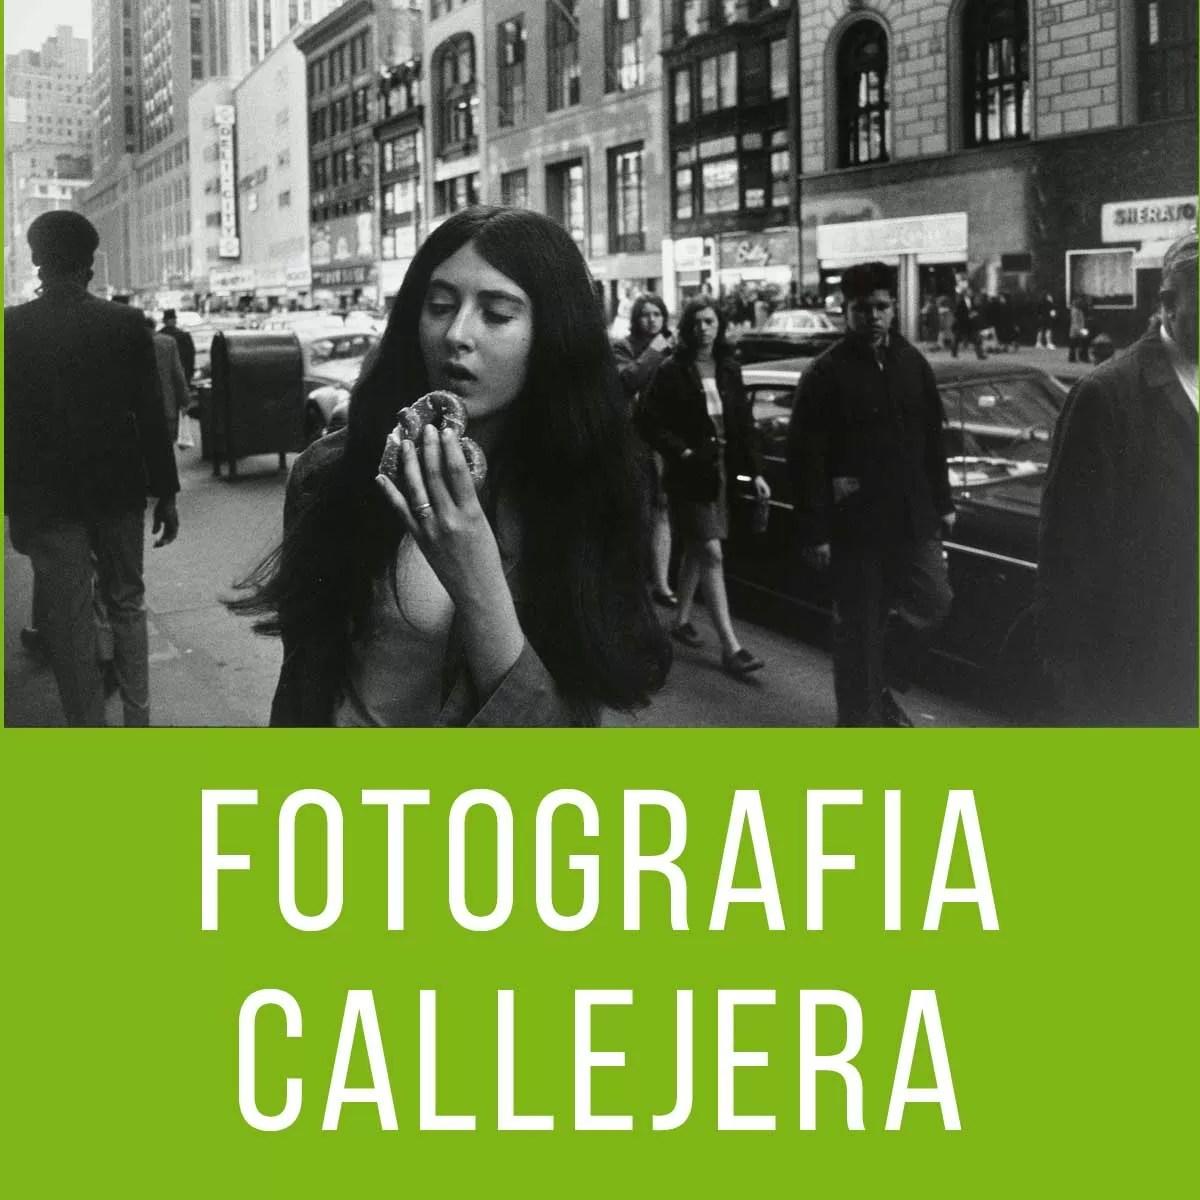 La fotografia callejera